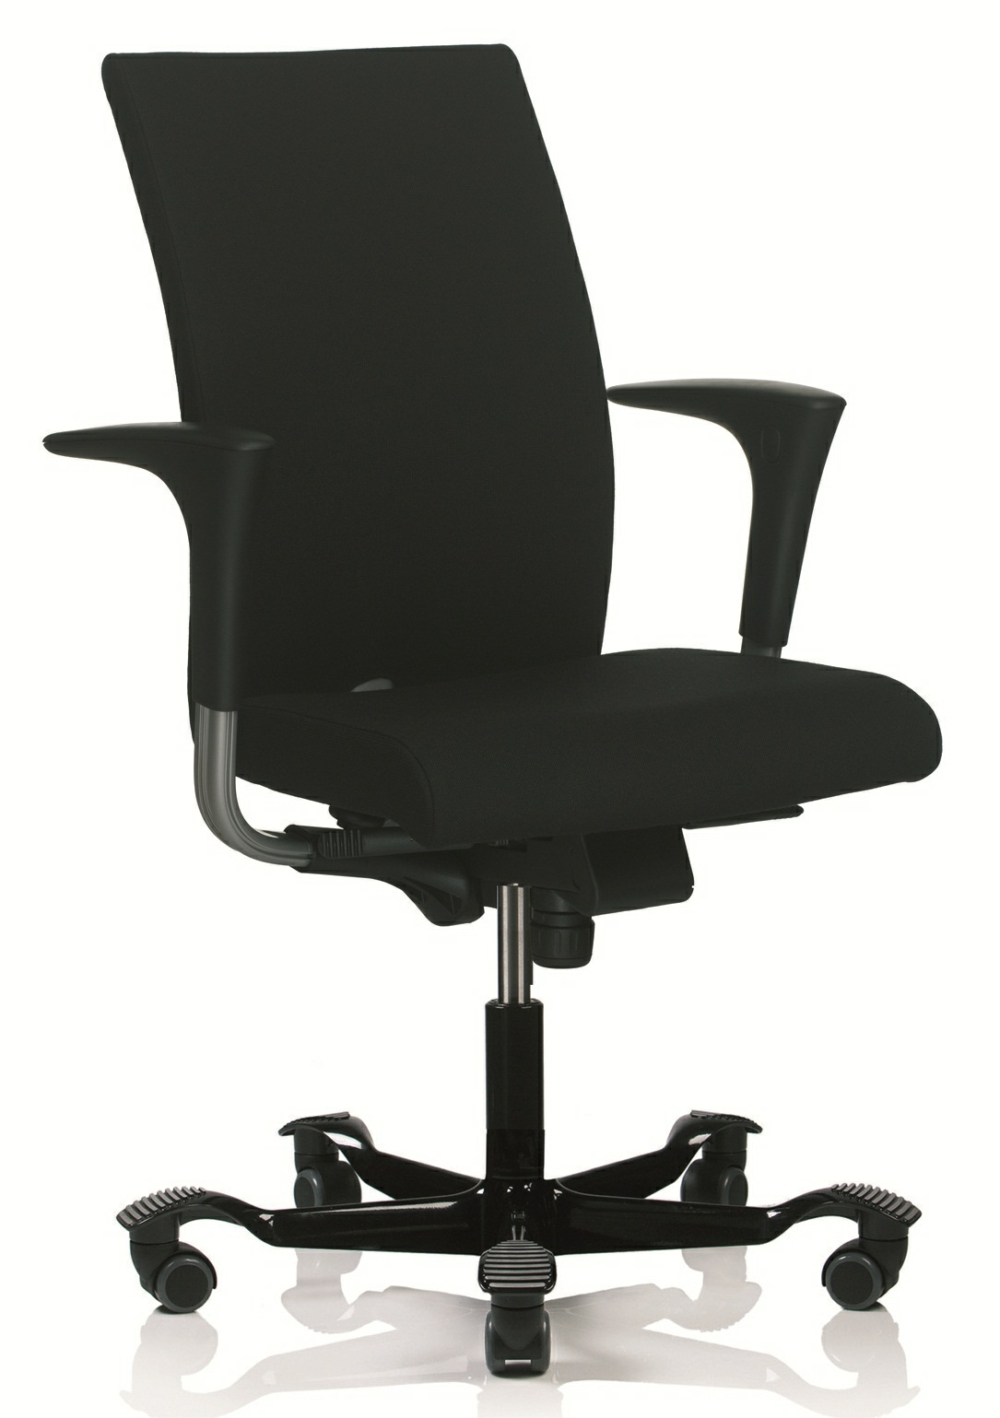 Fine Hag H04 4650 Chair Machost Co Dining Chair Design Ideas Machostcouk